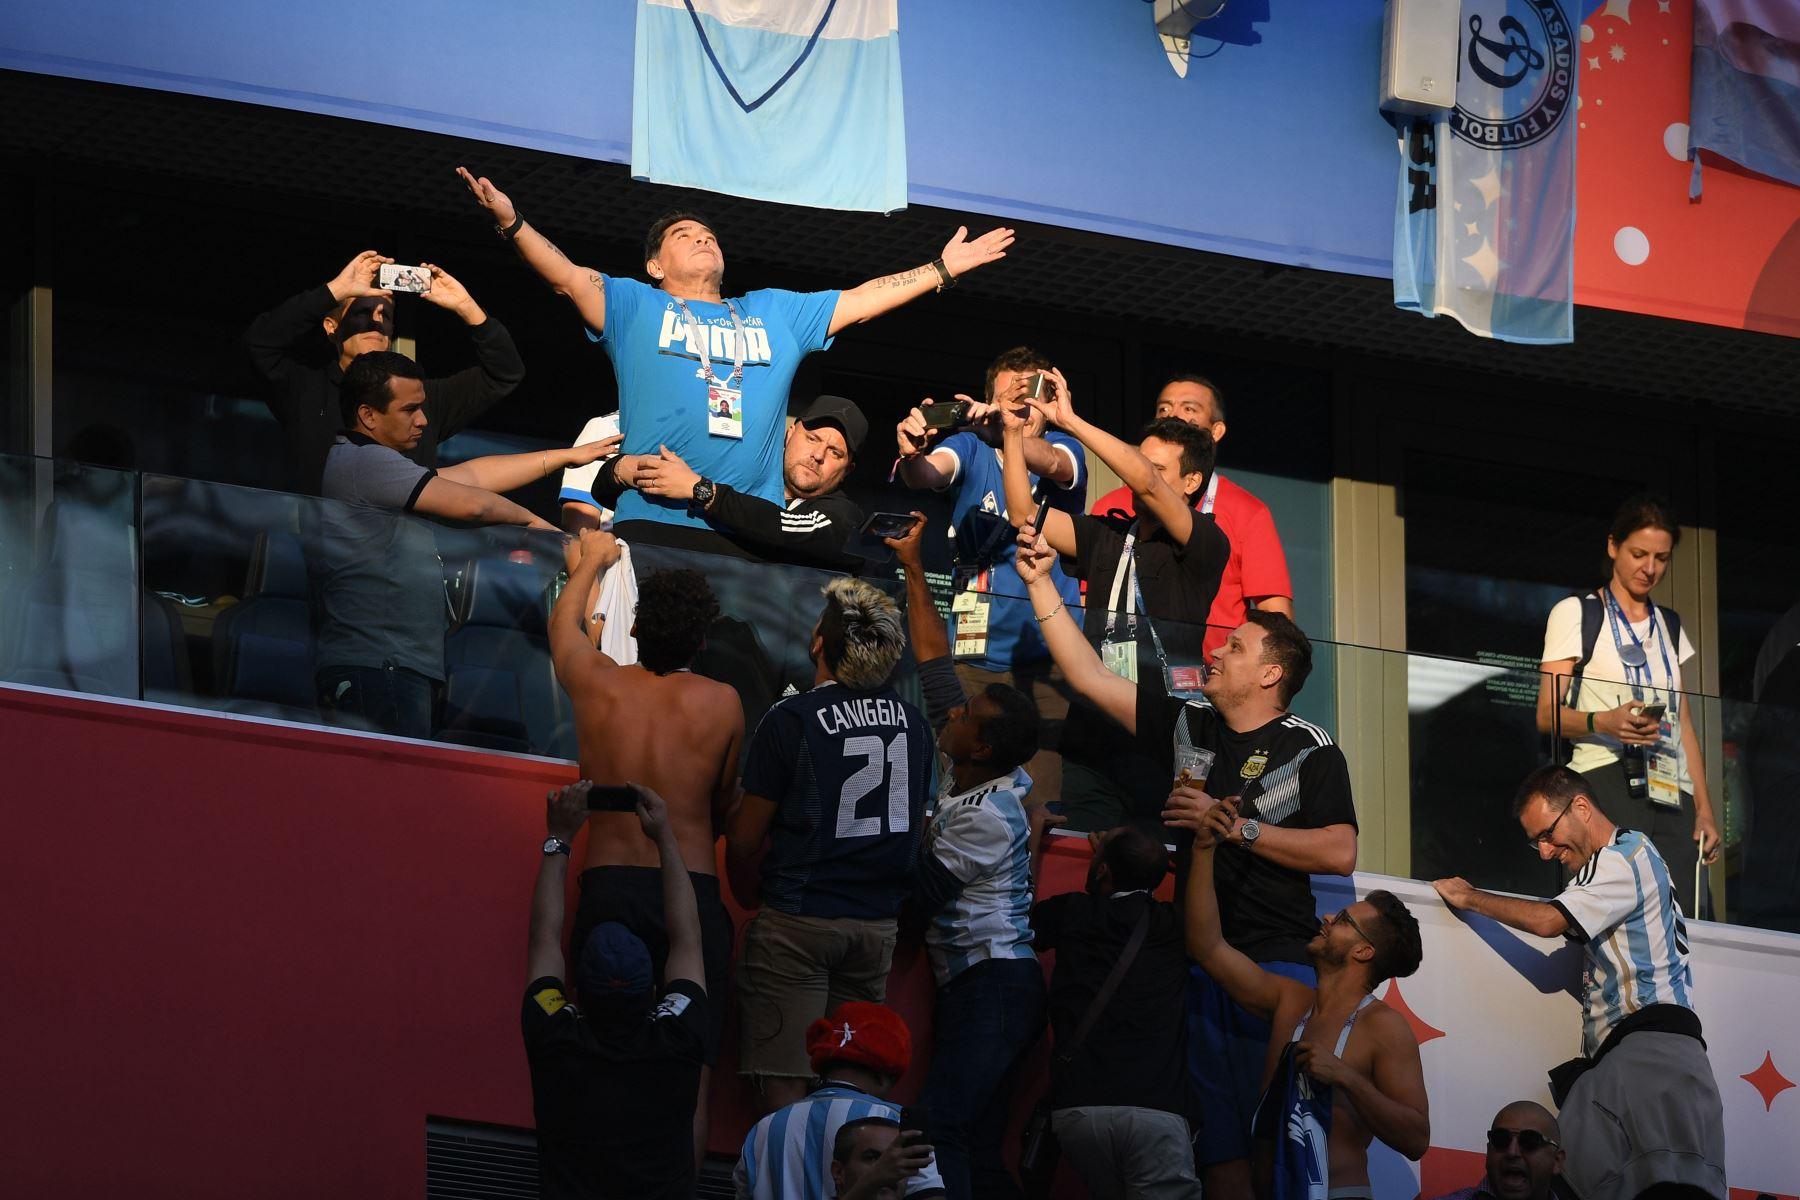 En esta foto de archivo tomada el 26 de junio de 2018, el jugador argentino retirado Diego Maradona hace un gesto antes del partido de fútbol del Grupo D de la Copa Mundial Rusia 2018 entre Nigeria y Argentina, en el Estadio de San Petersburgo en San Petersburgo. Foto: AFP